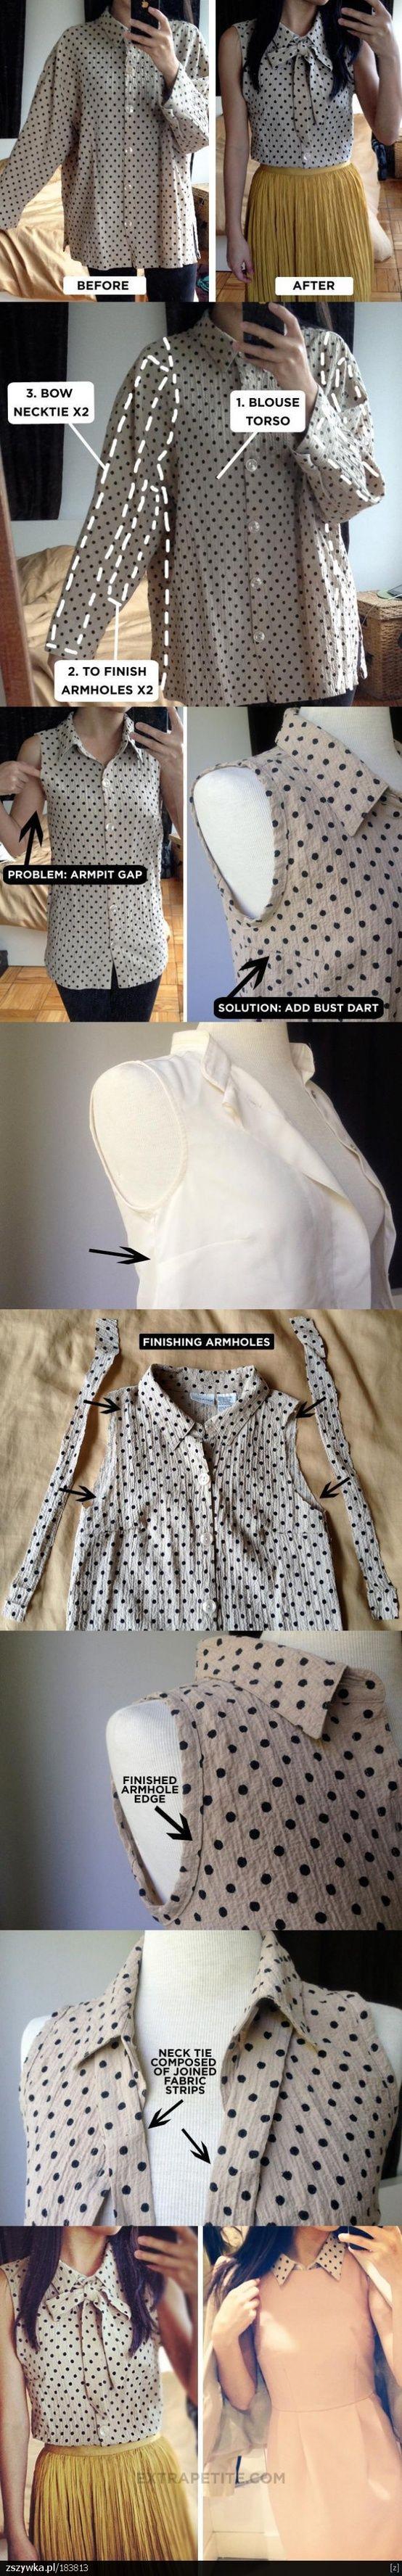 Moda Na Janela: DIY: Transformando sua Camisa